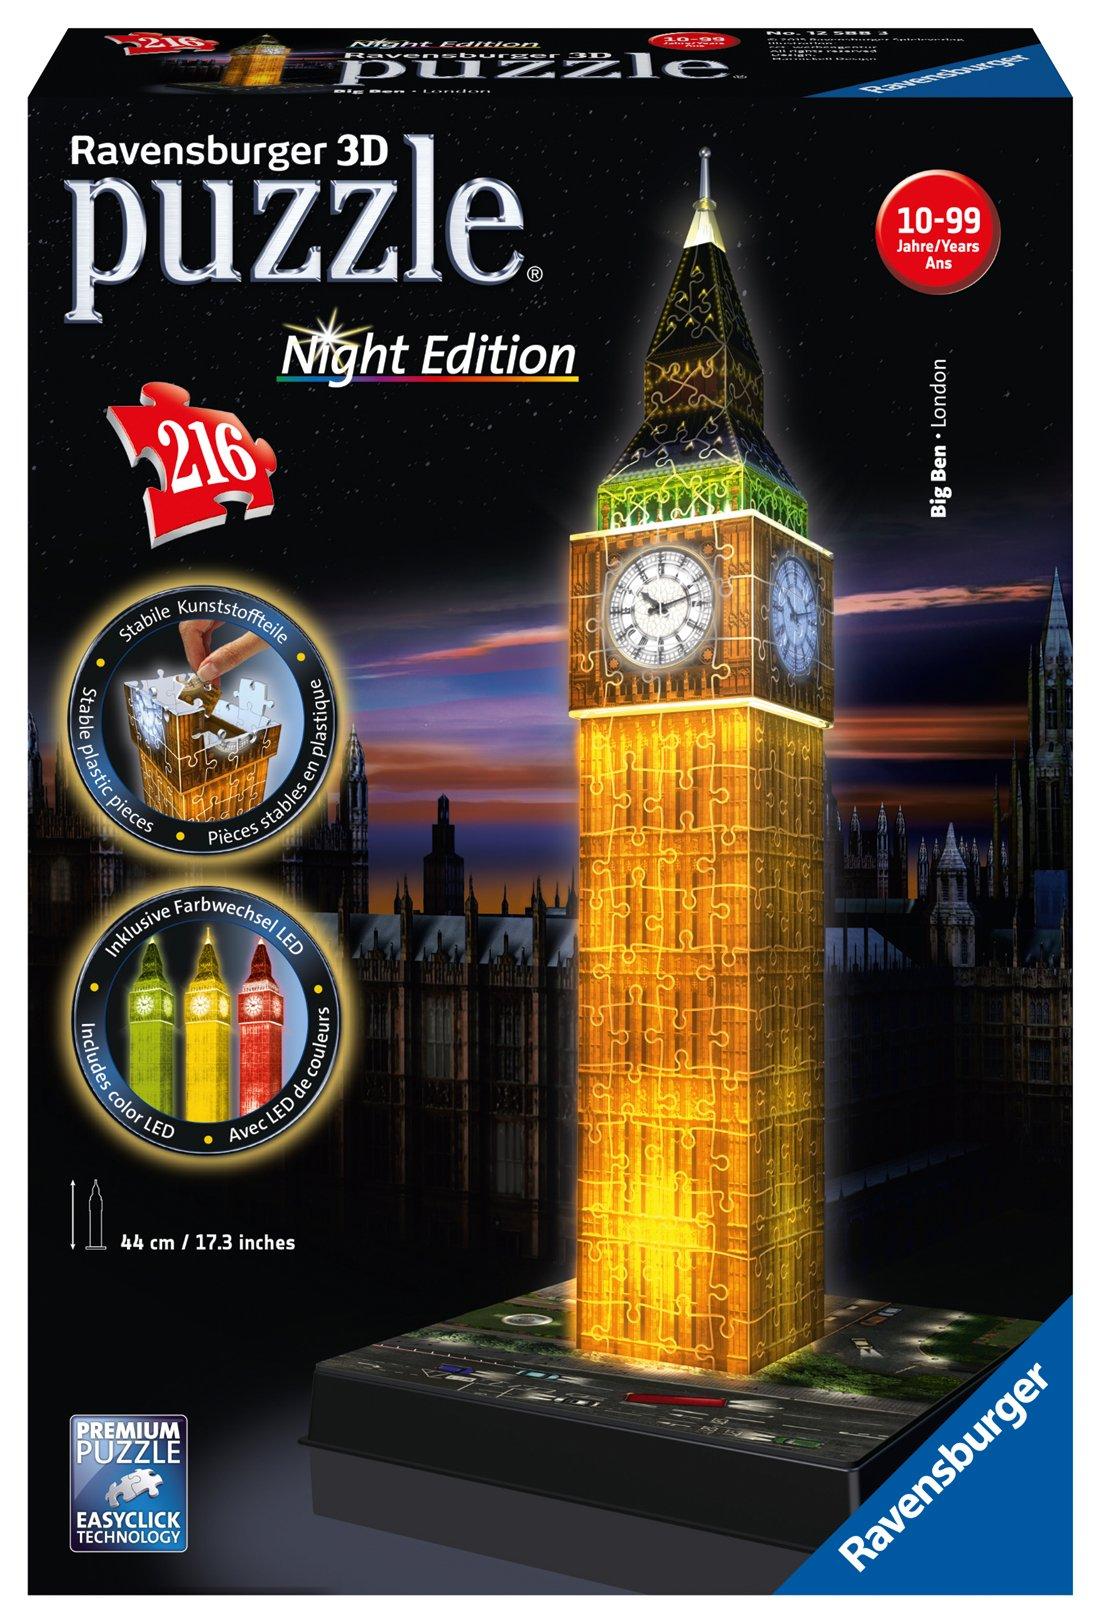 3D Puzzle Ночной Биг-Бен (216 элементов) пазлы рыжий кот пазл утренний биг бен в лондоне 2000 элементов